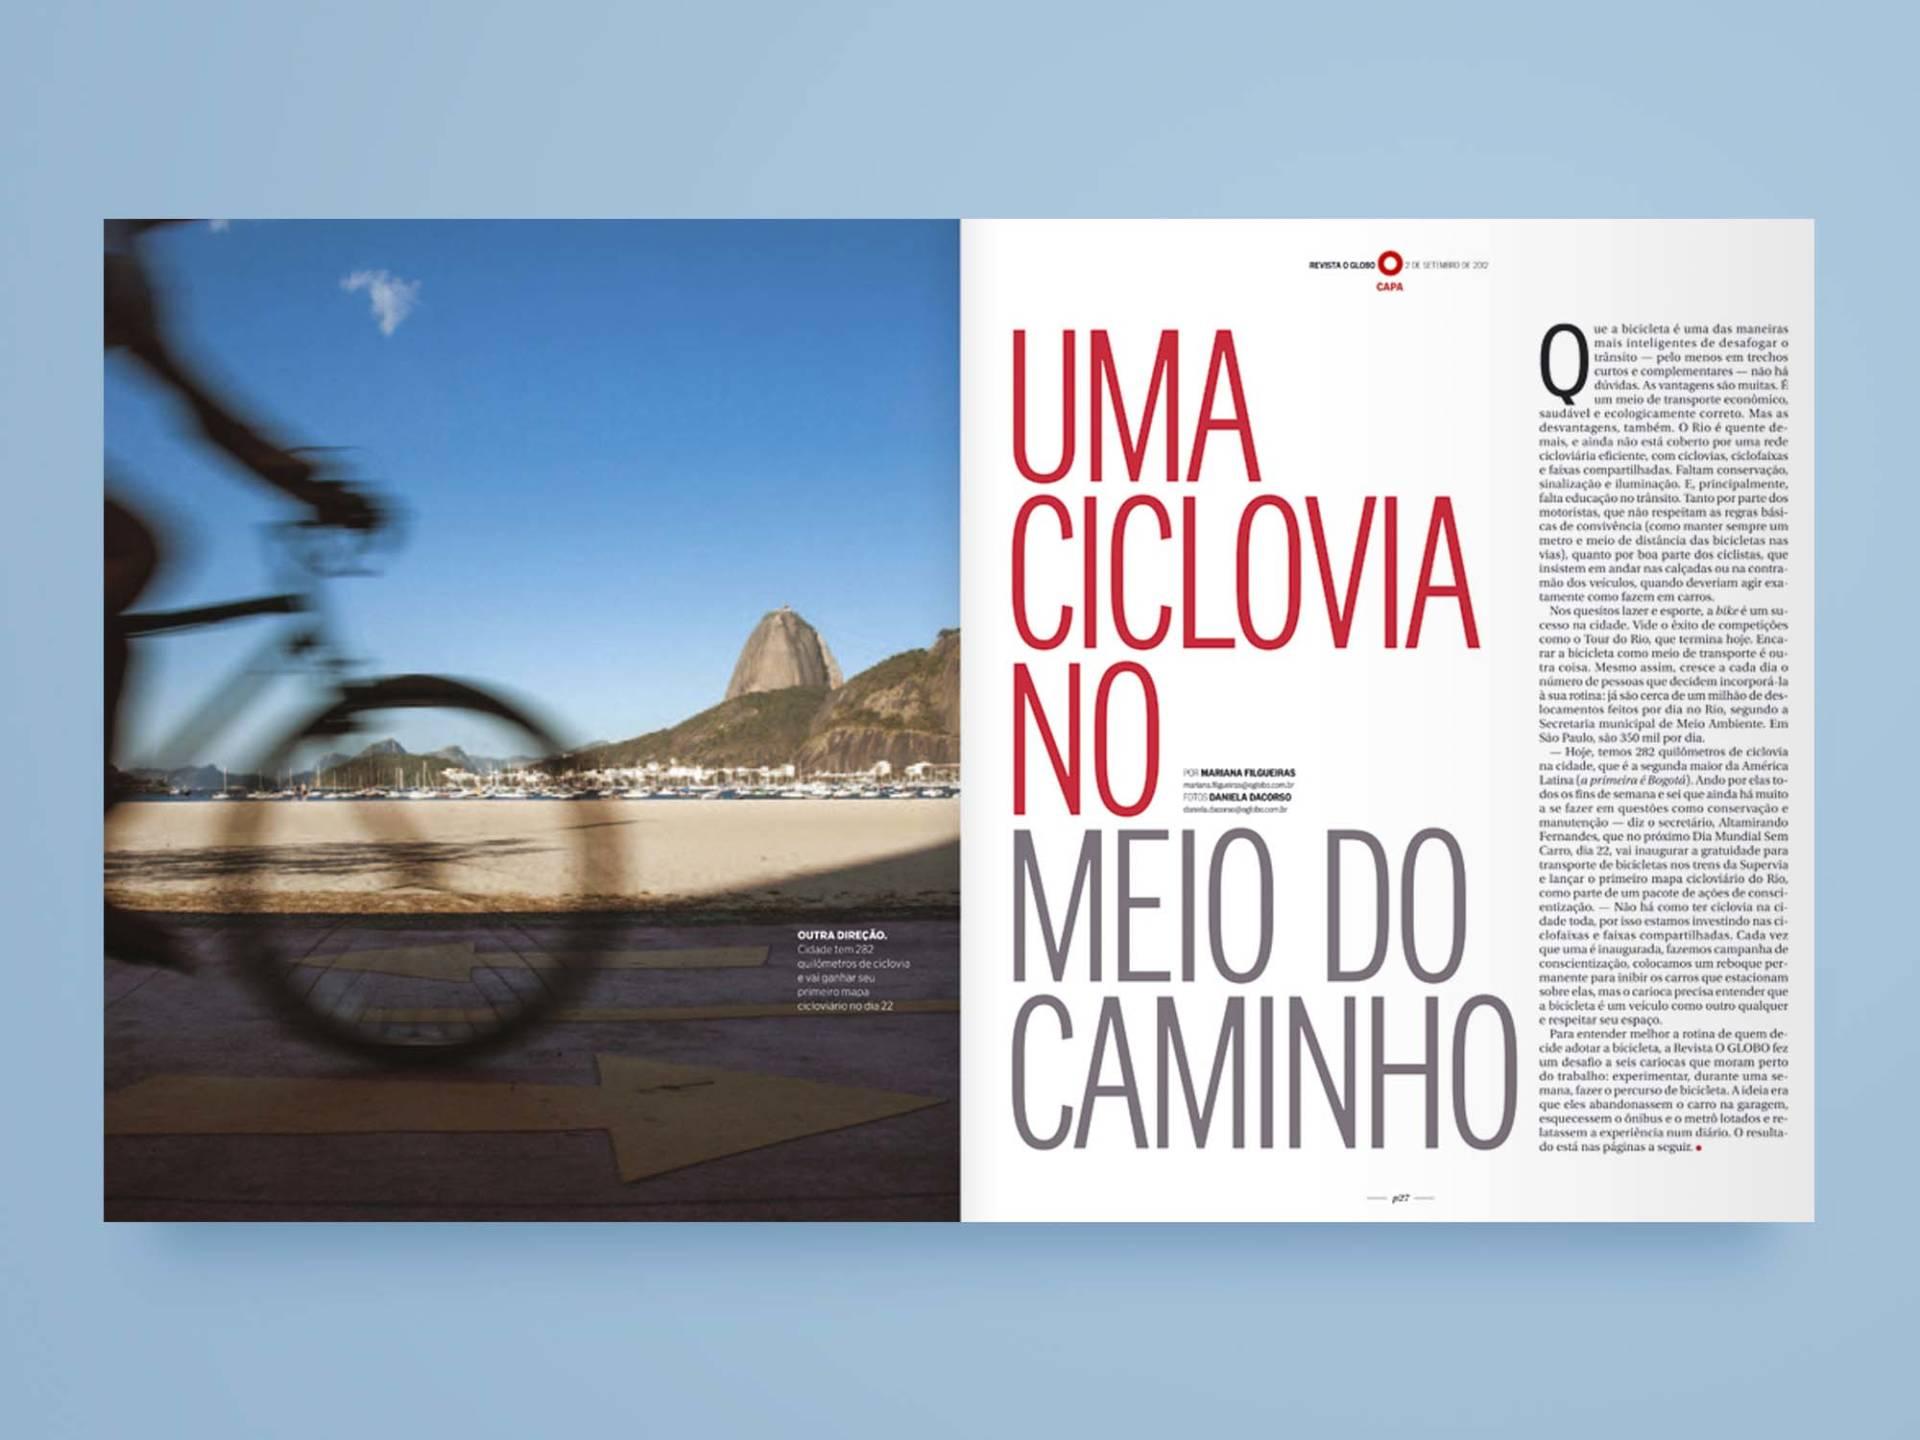 Revista_O_Globo_06_Wenceslau_News_Design